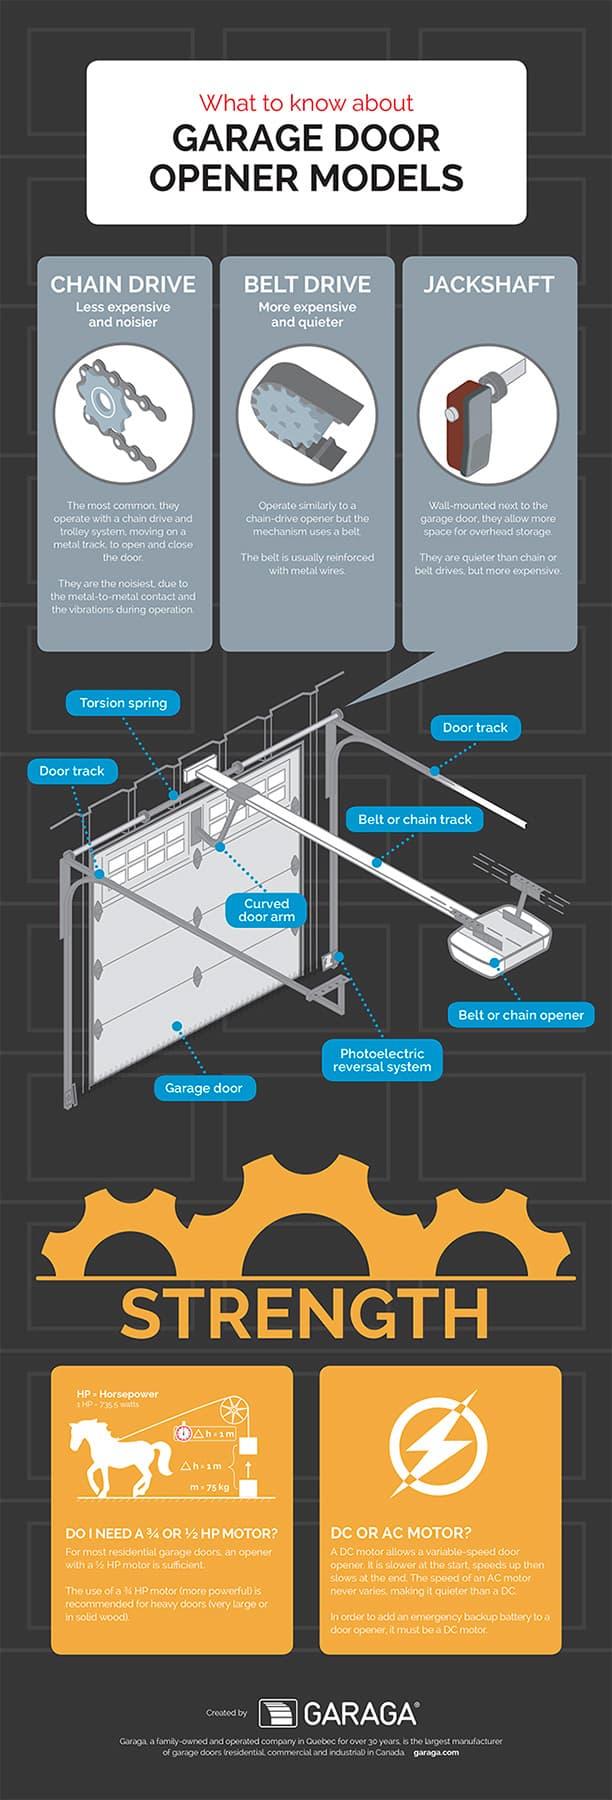 Choosing your Garage Door Opener Model